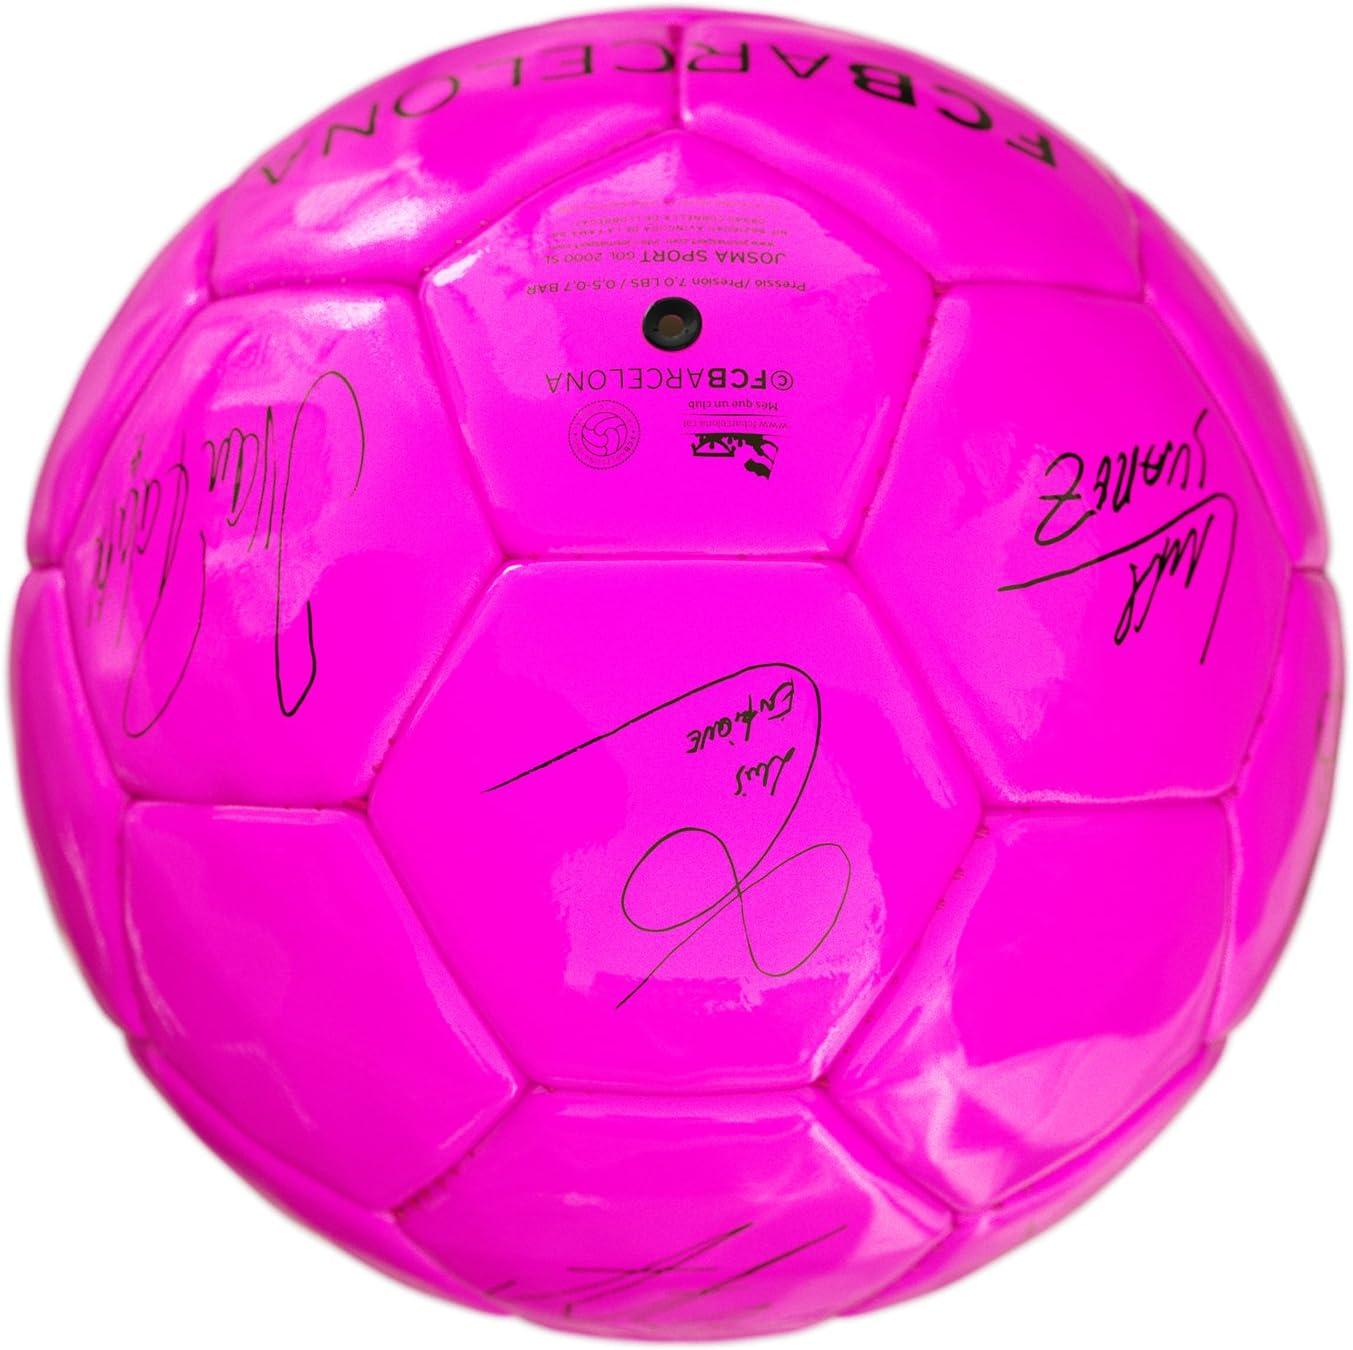 Balón Firmas Rosa Fluor FCBarcelona: Amazon.es: Deportes y aire libre